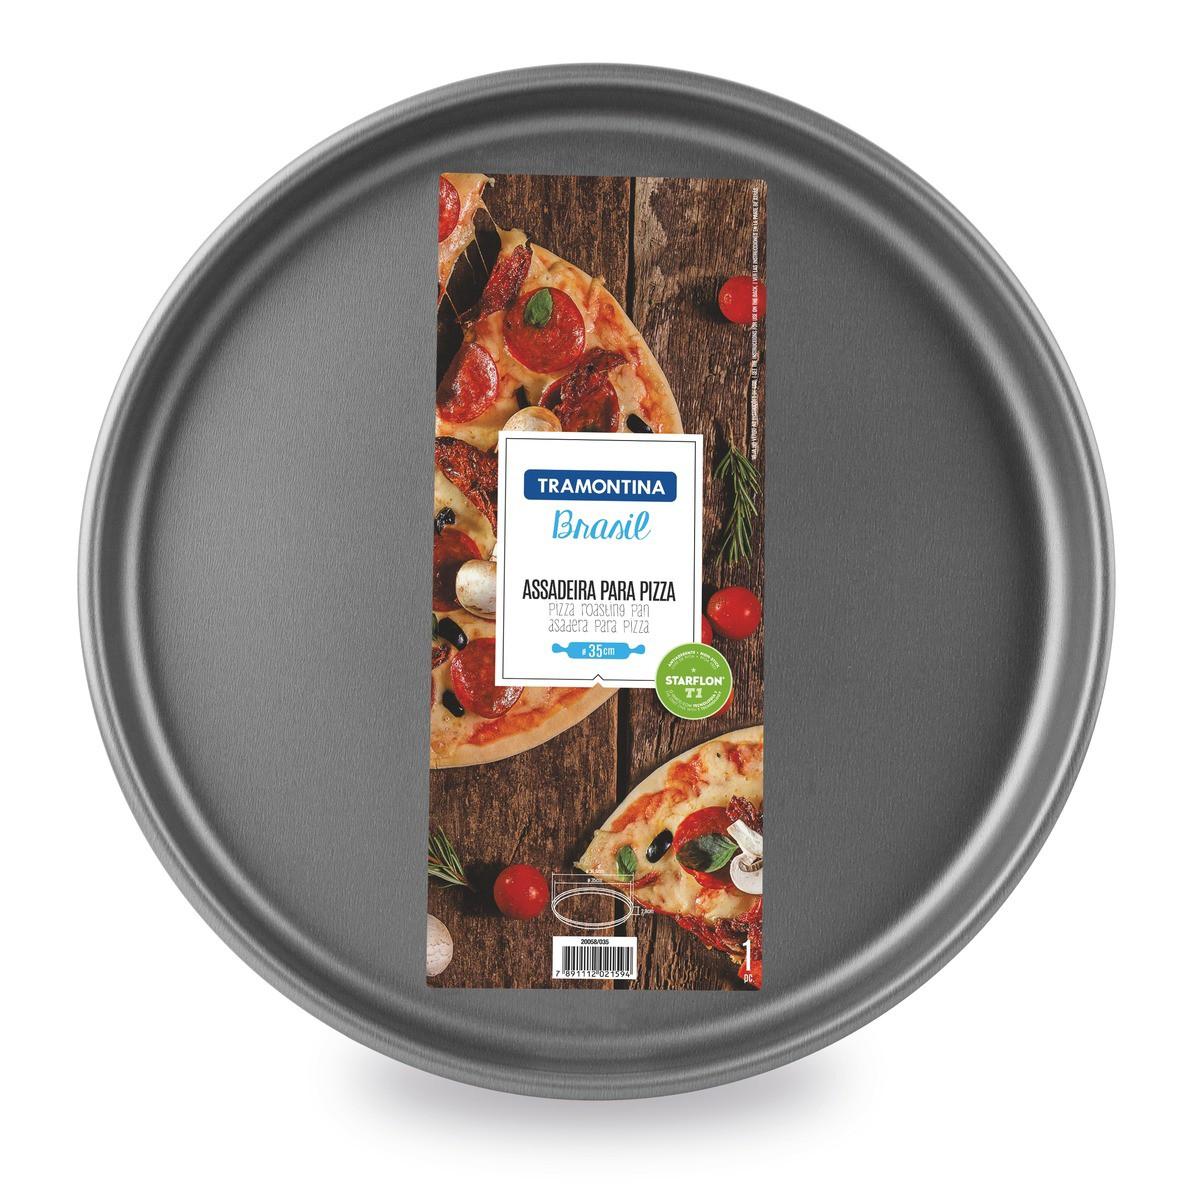 Assadeira para Pizza Tramontina Pizza em Alumínio com Revestimento Interno e Externo Antiaderente Starflon T1 Grafite 35 cm 2,5 L  Tramontina 20058035